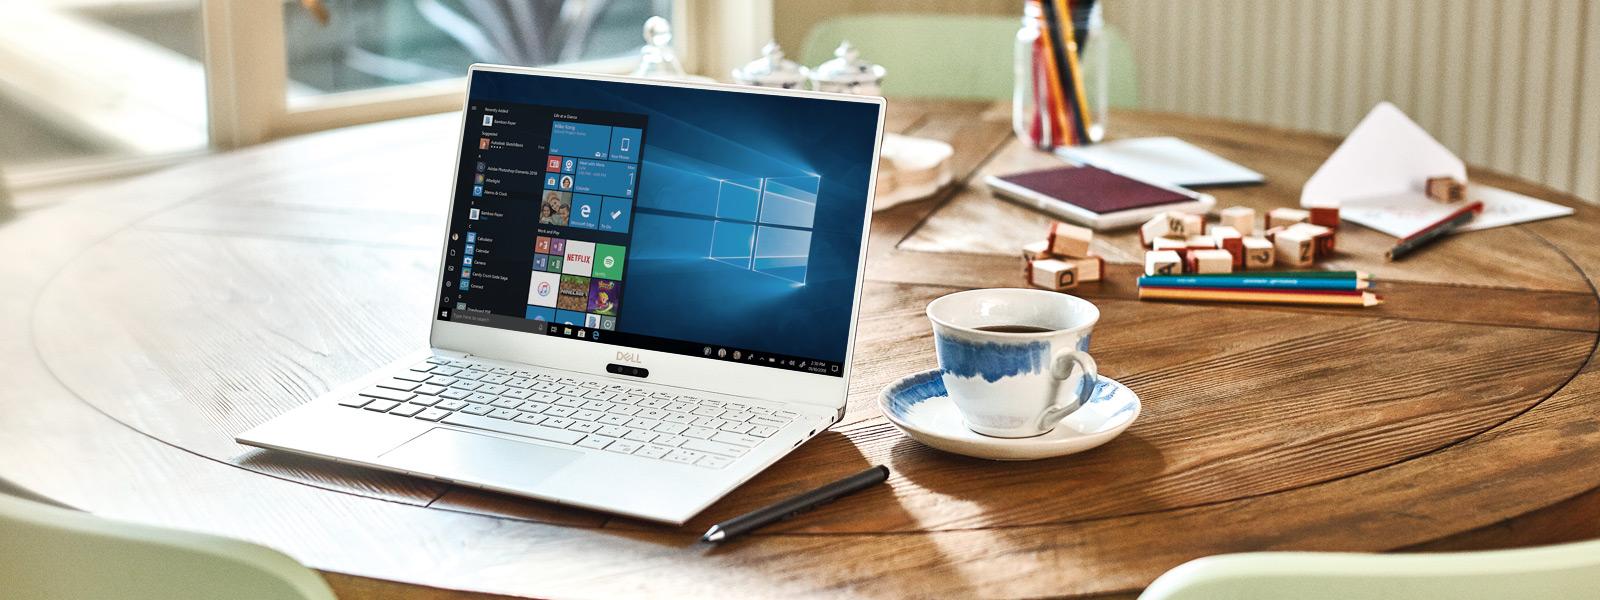 Un Dell XPS 13 9370 stă deschis pe o masă, afișând ecranul Start Windows 10.